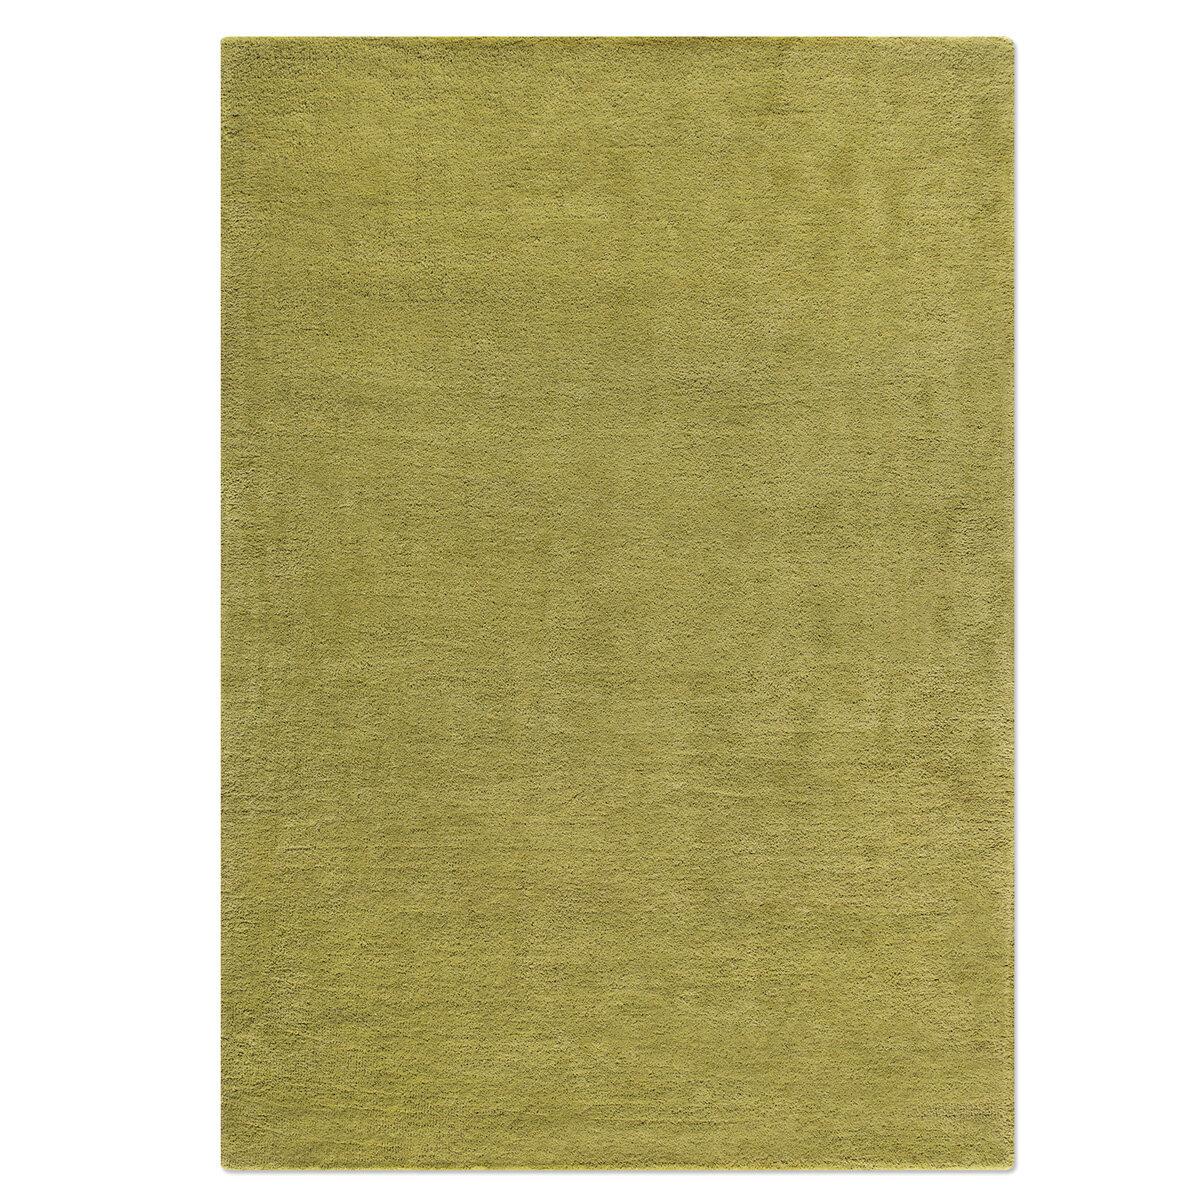 Prolana Naturbettwaren Hand Tufted Wool Olive Green Rug Wayfair Co Uk